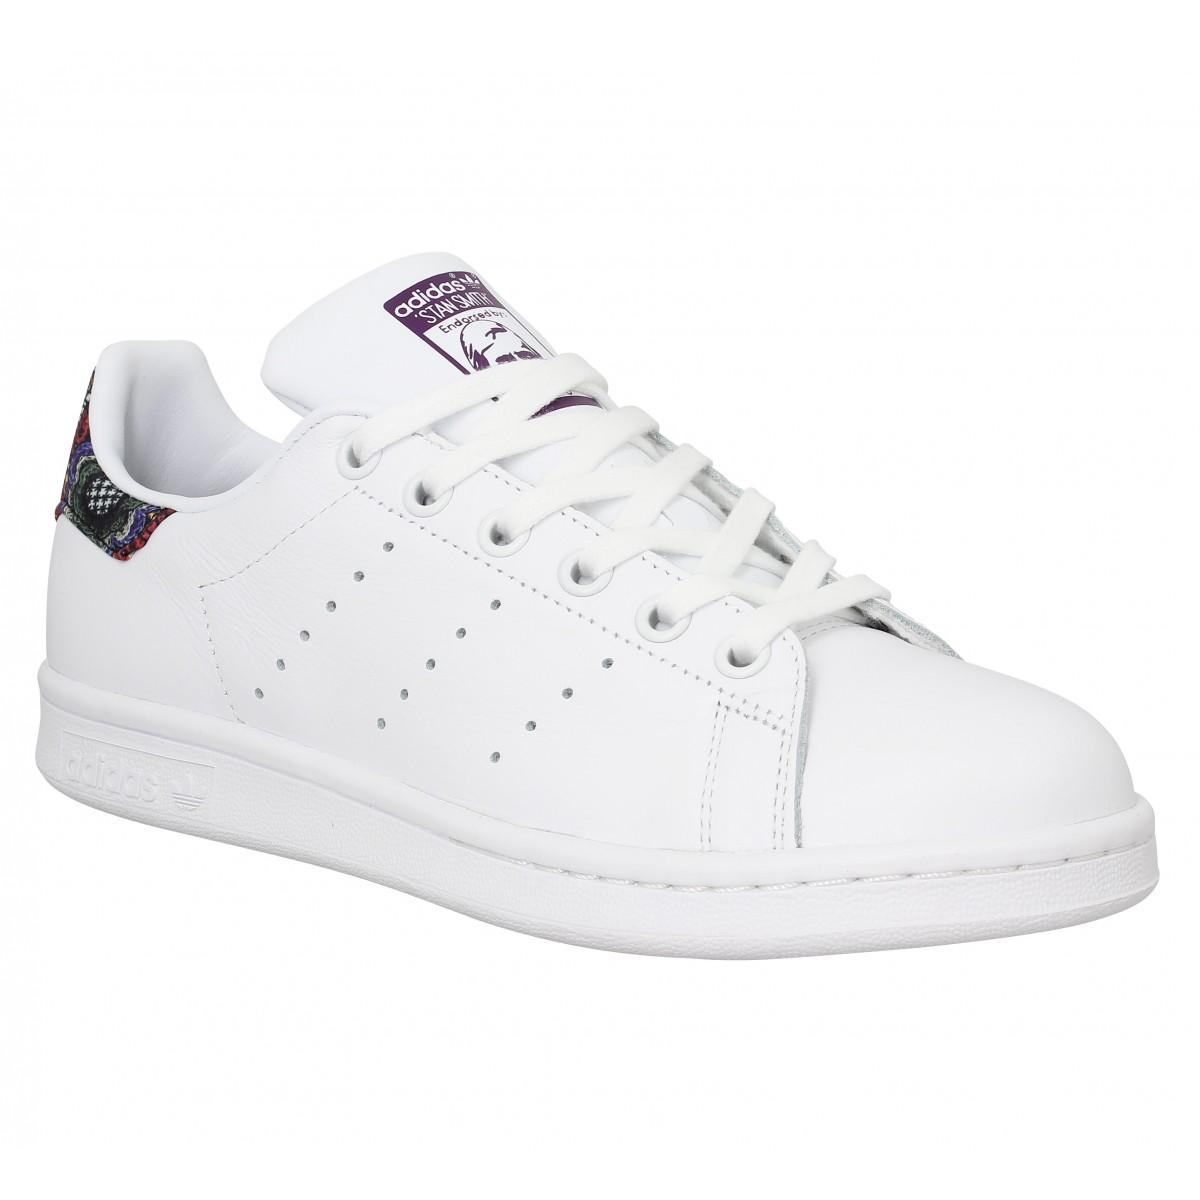 Adidas Femme Stan Smith Cuir-40...